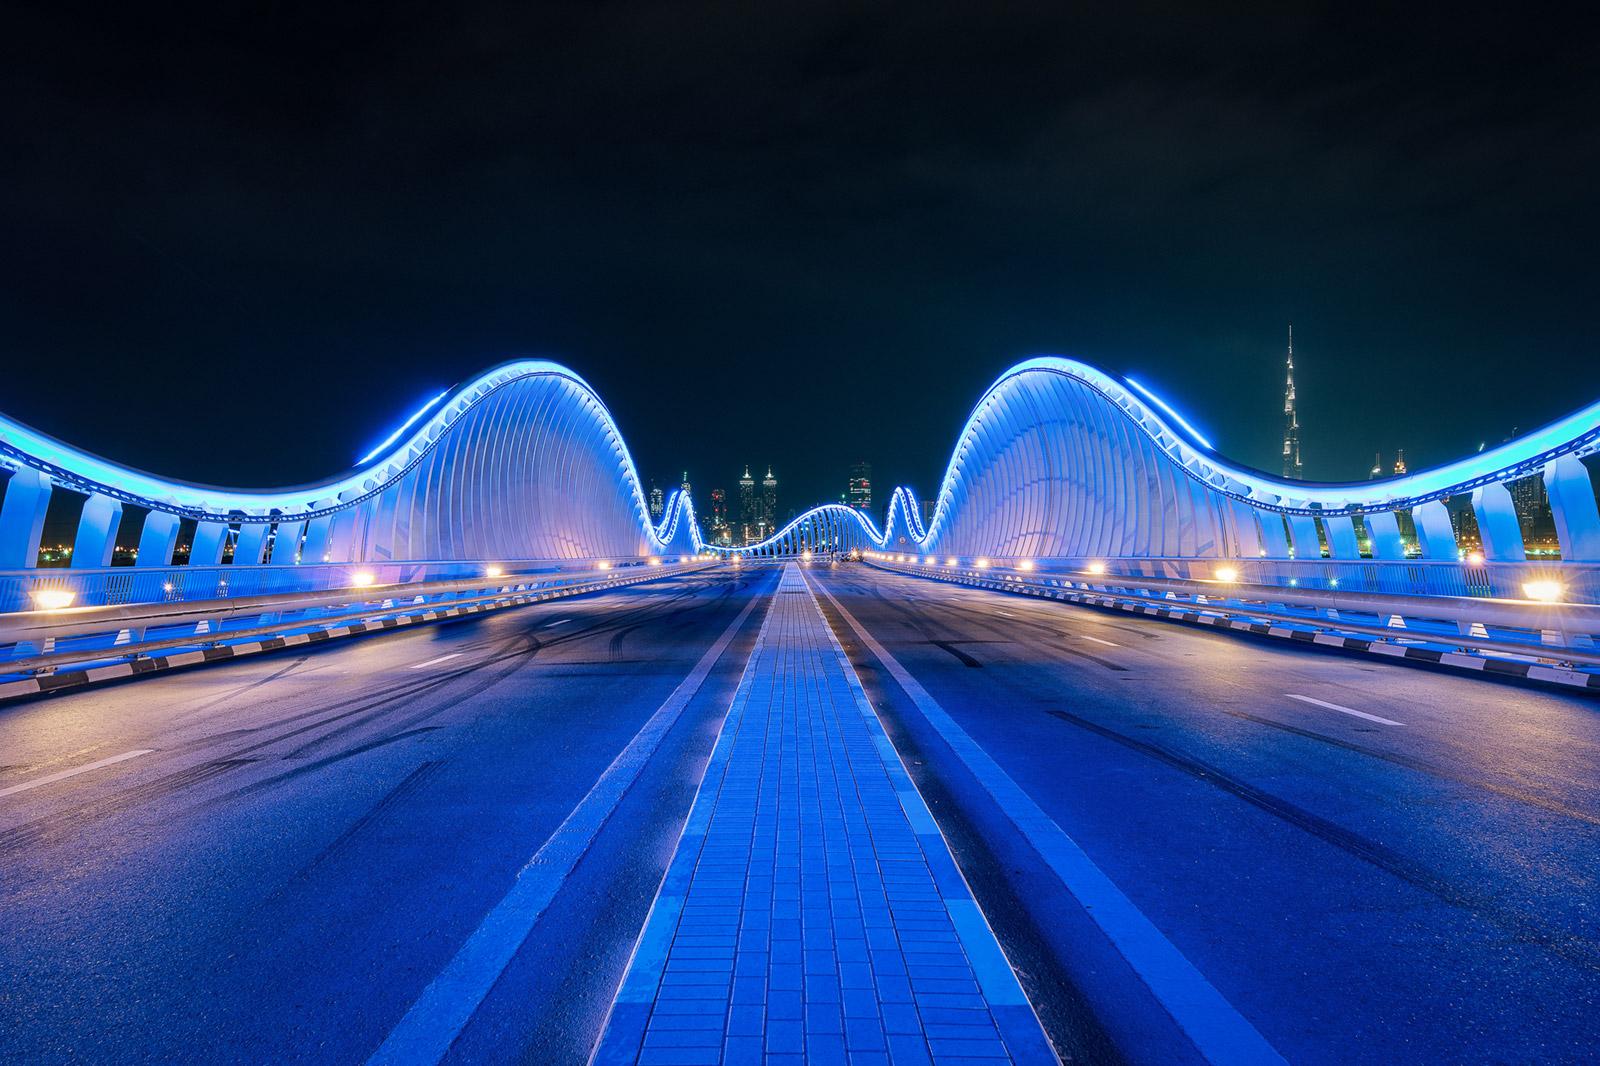 Dubai blaue Brücke - Stefan Schäfer Landschaftsfotograf